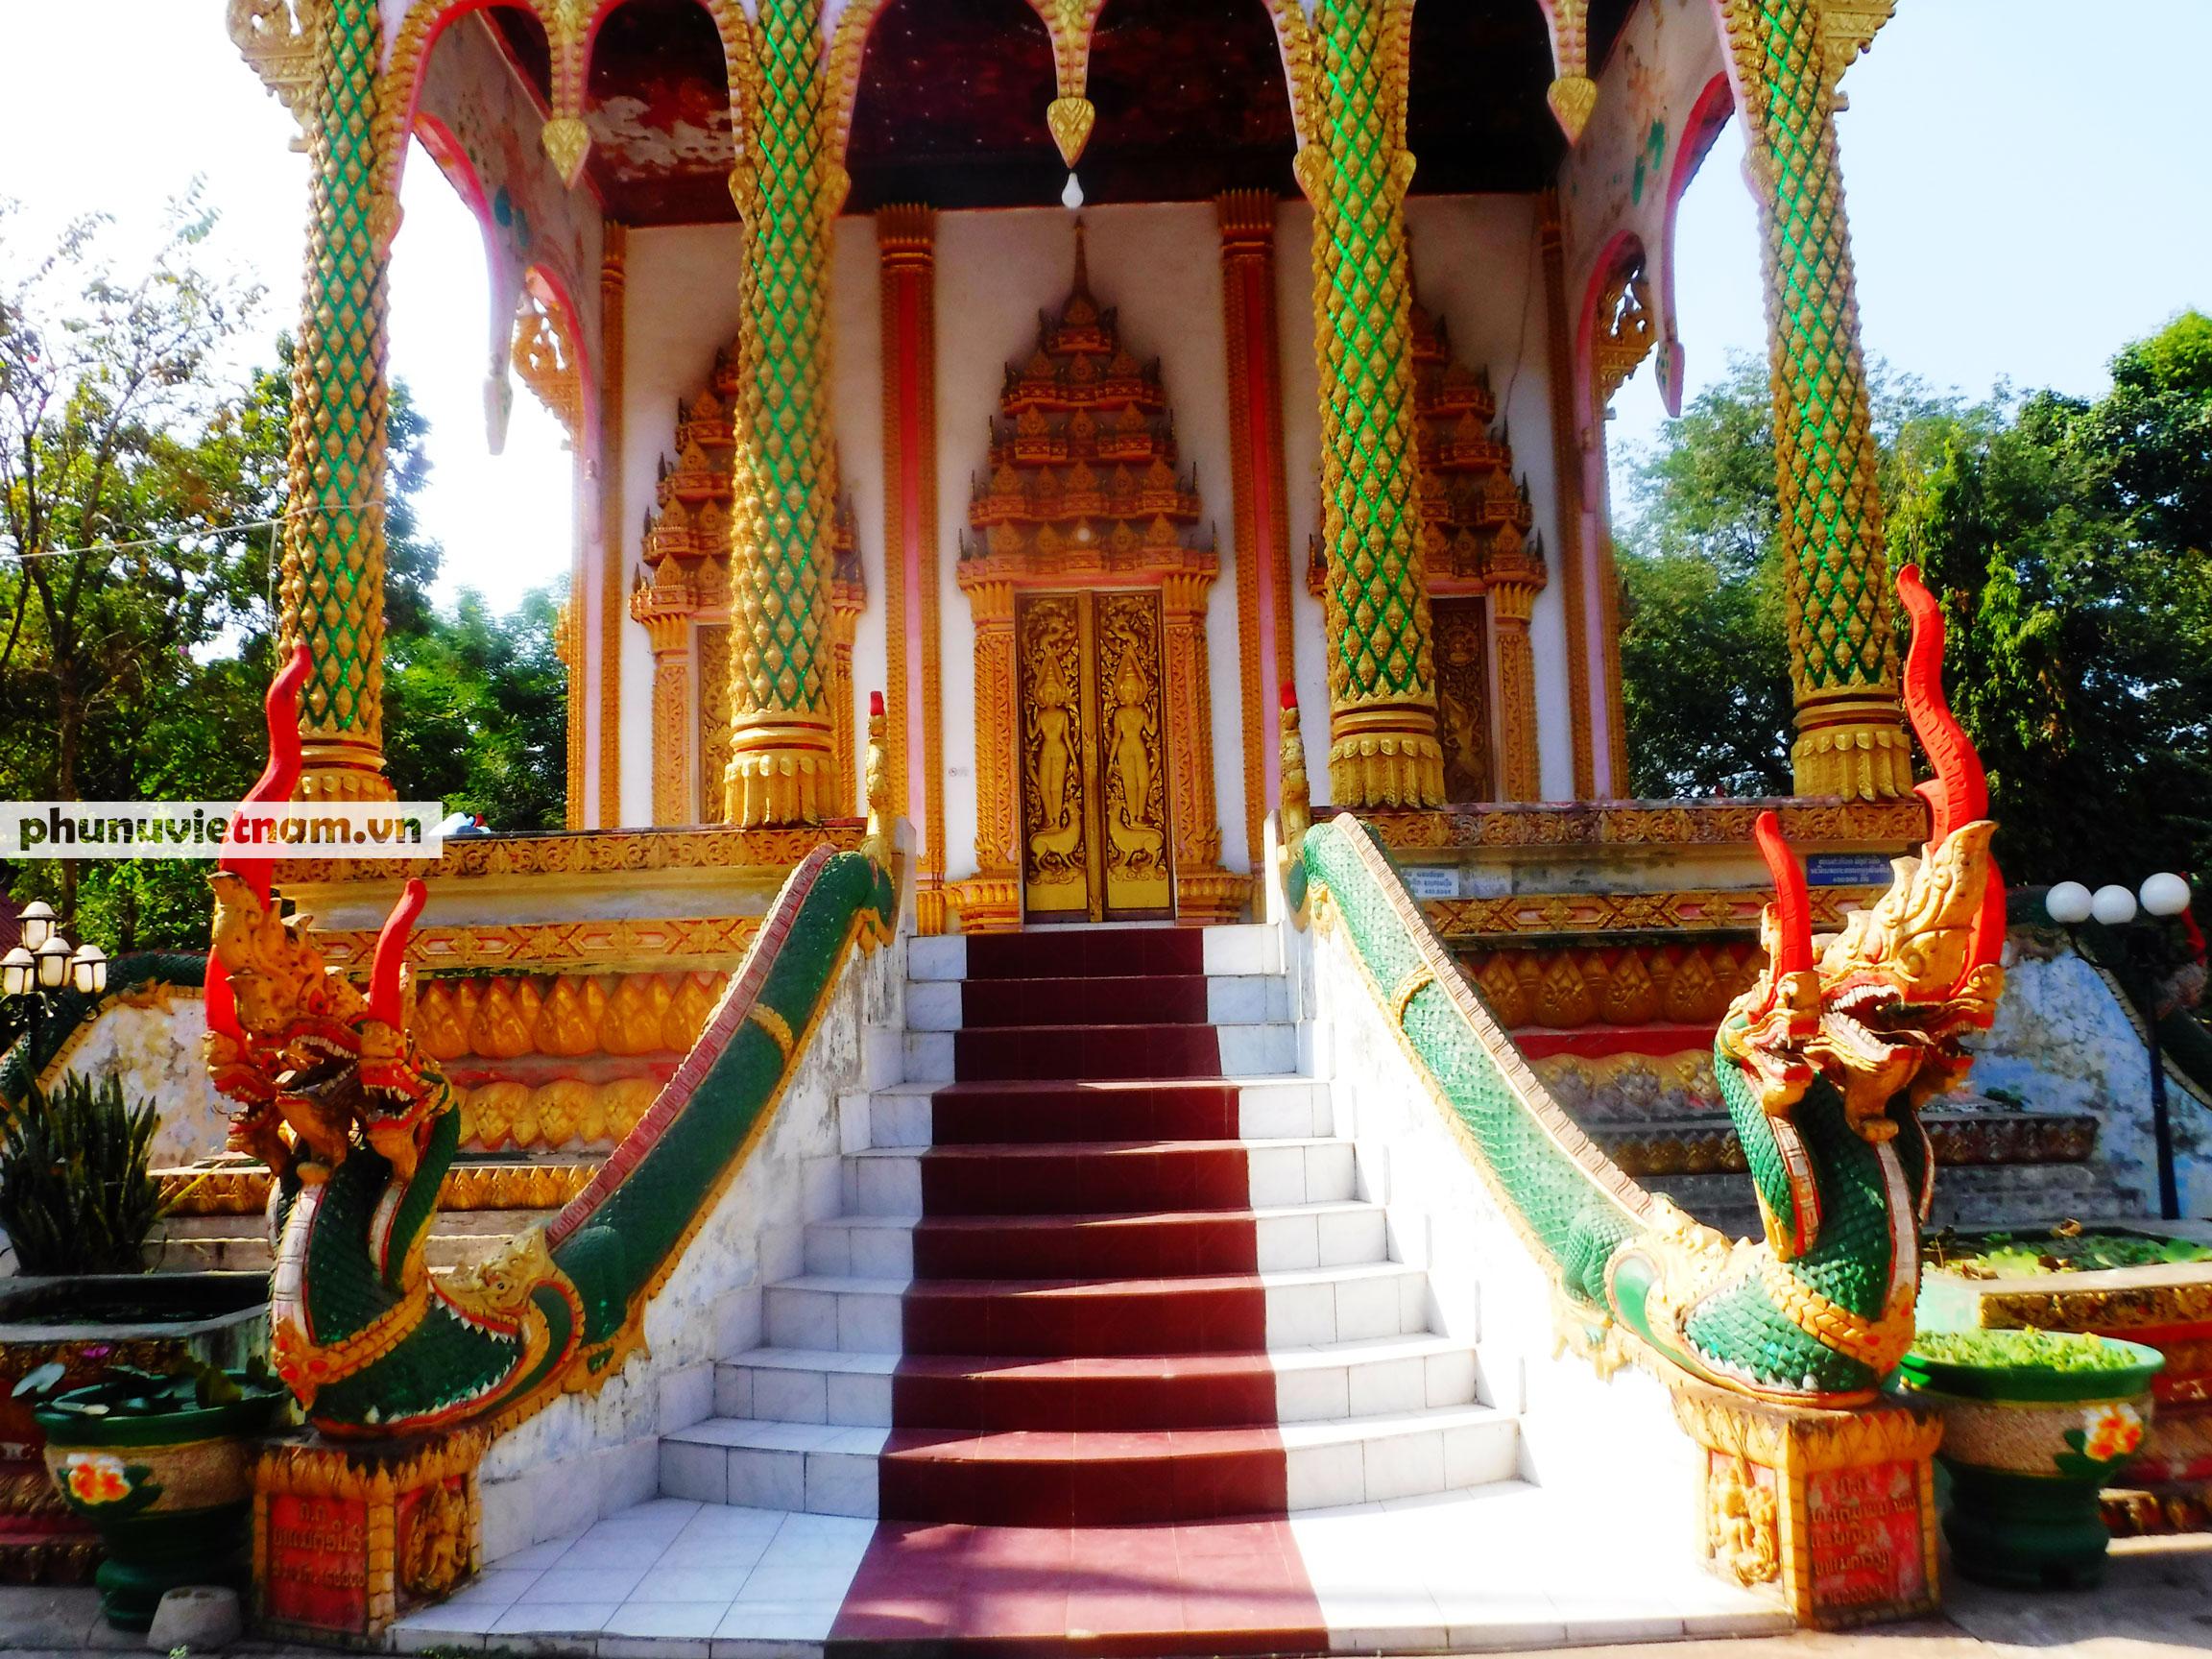 Độc đáo những bức tượng rắn trong chùa ở Viêng Chăn - Ảnh 3.